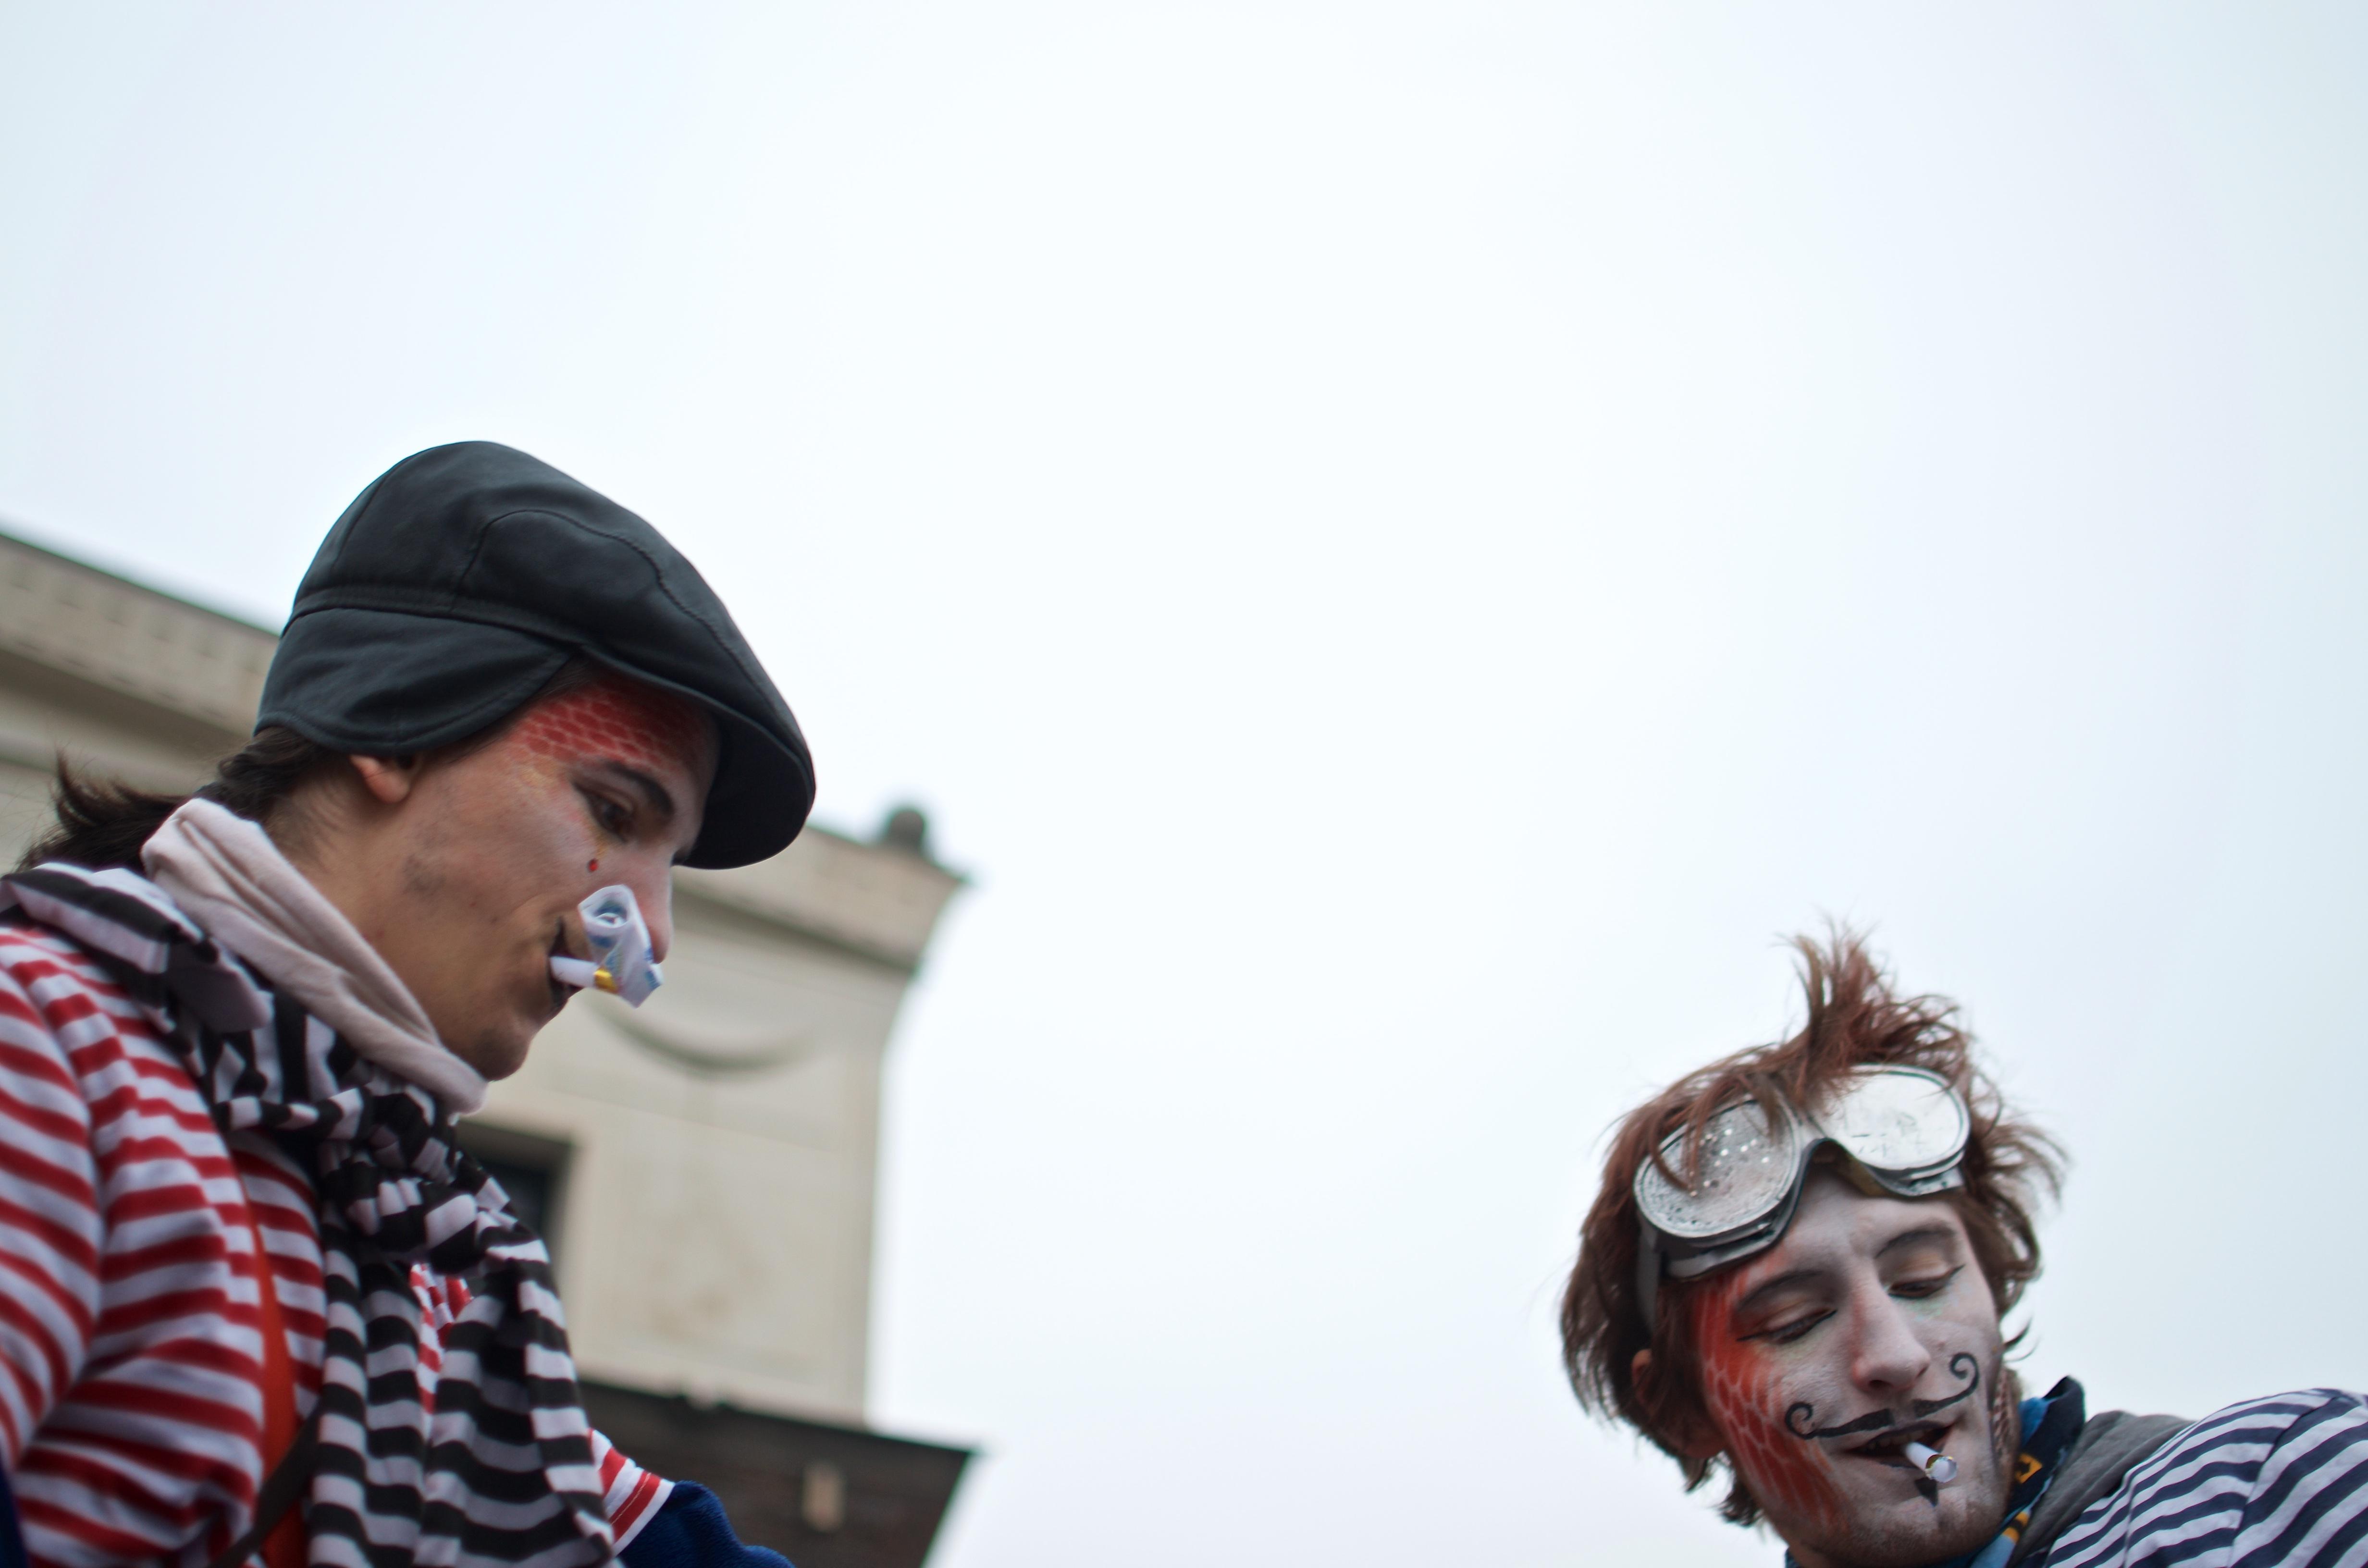 The Carnival parade in Žižkov, Prague